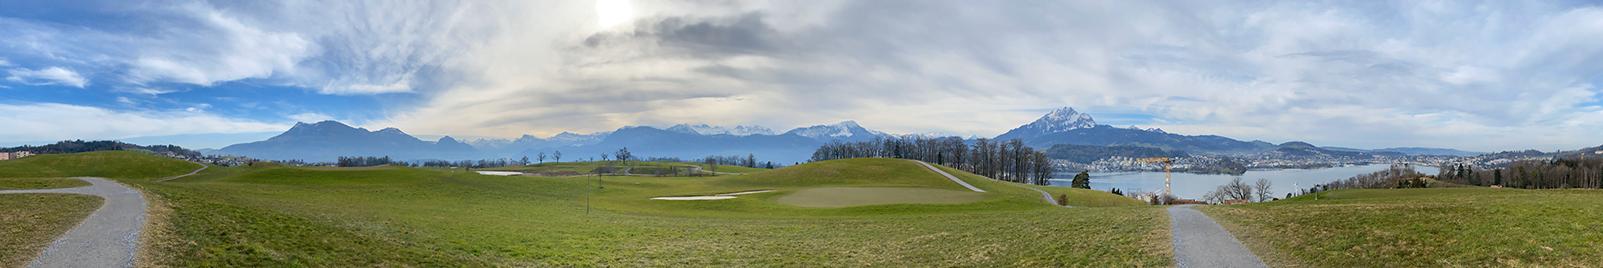 Meggen Lucerne golf club